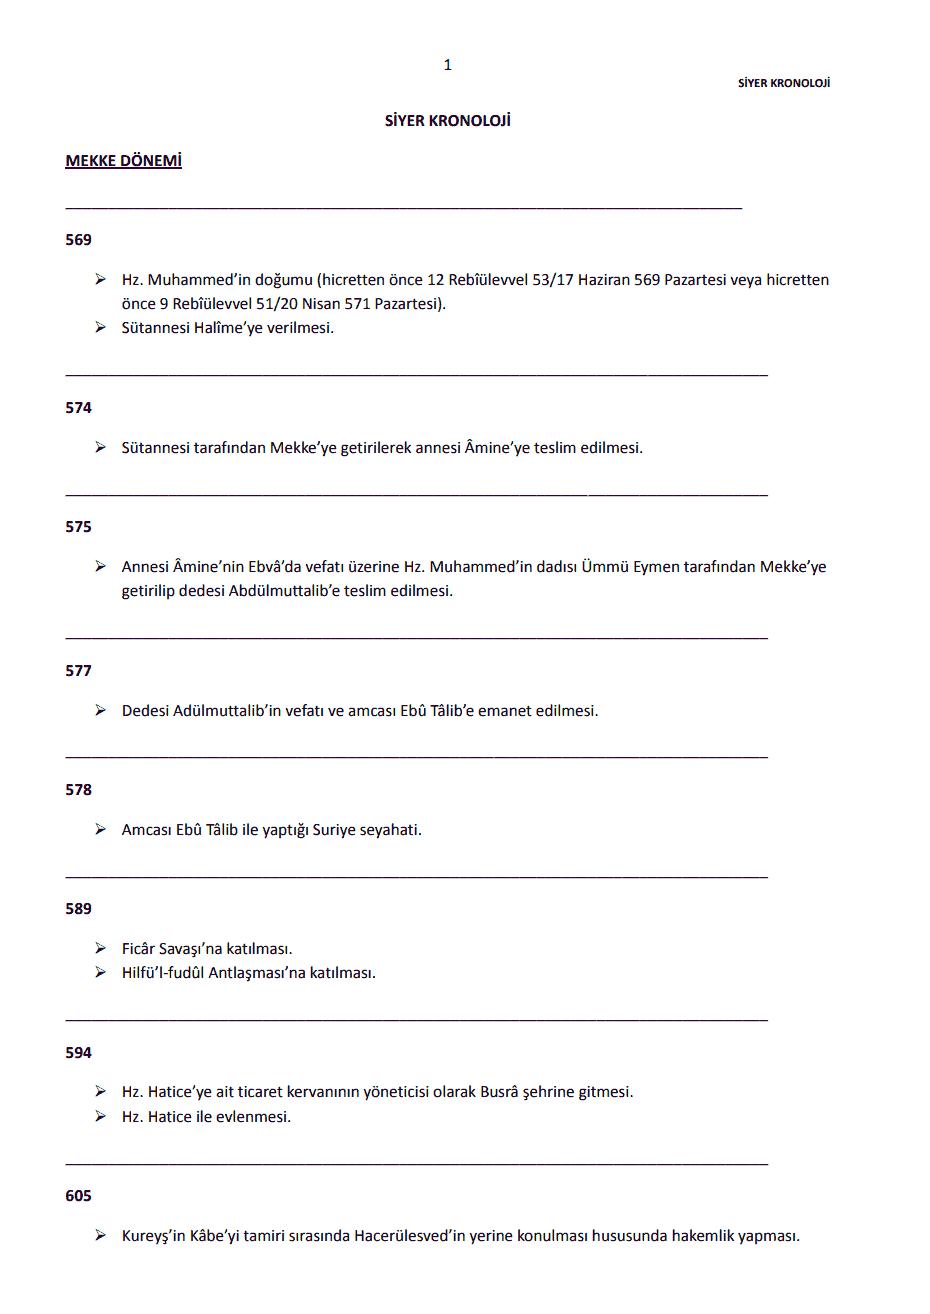 siyer kronolojisi notu